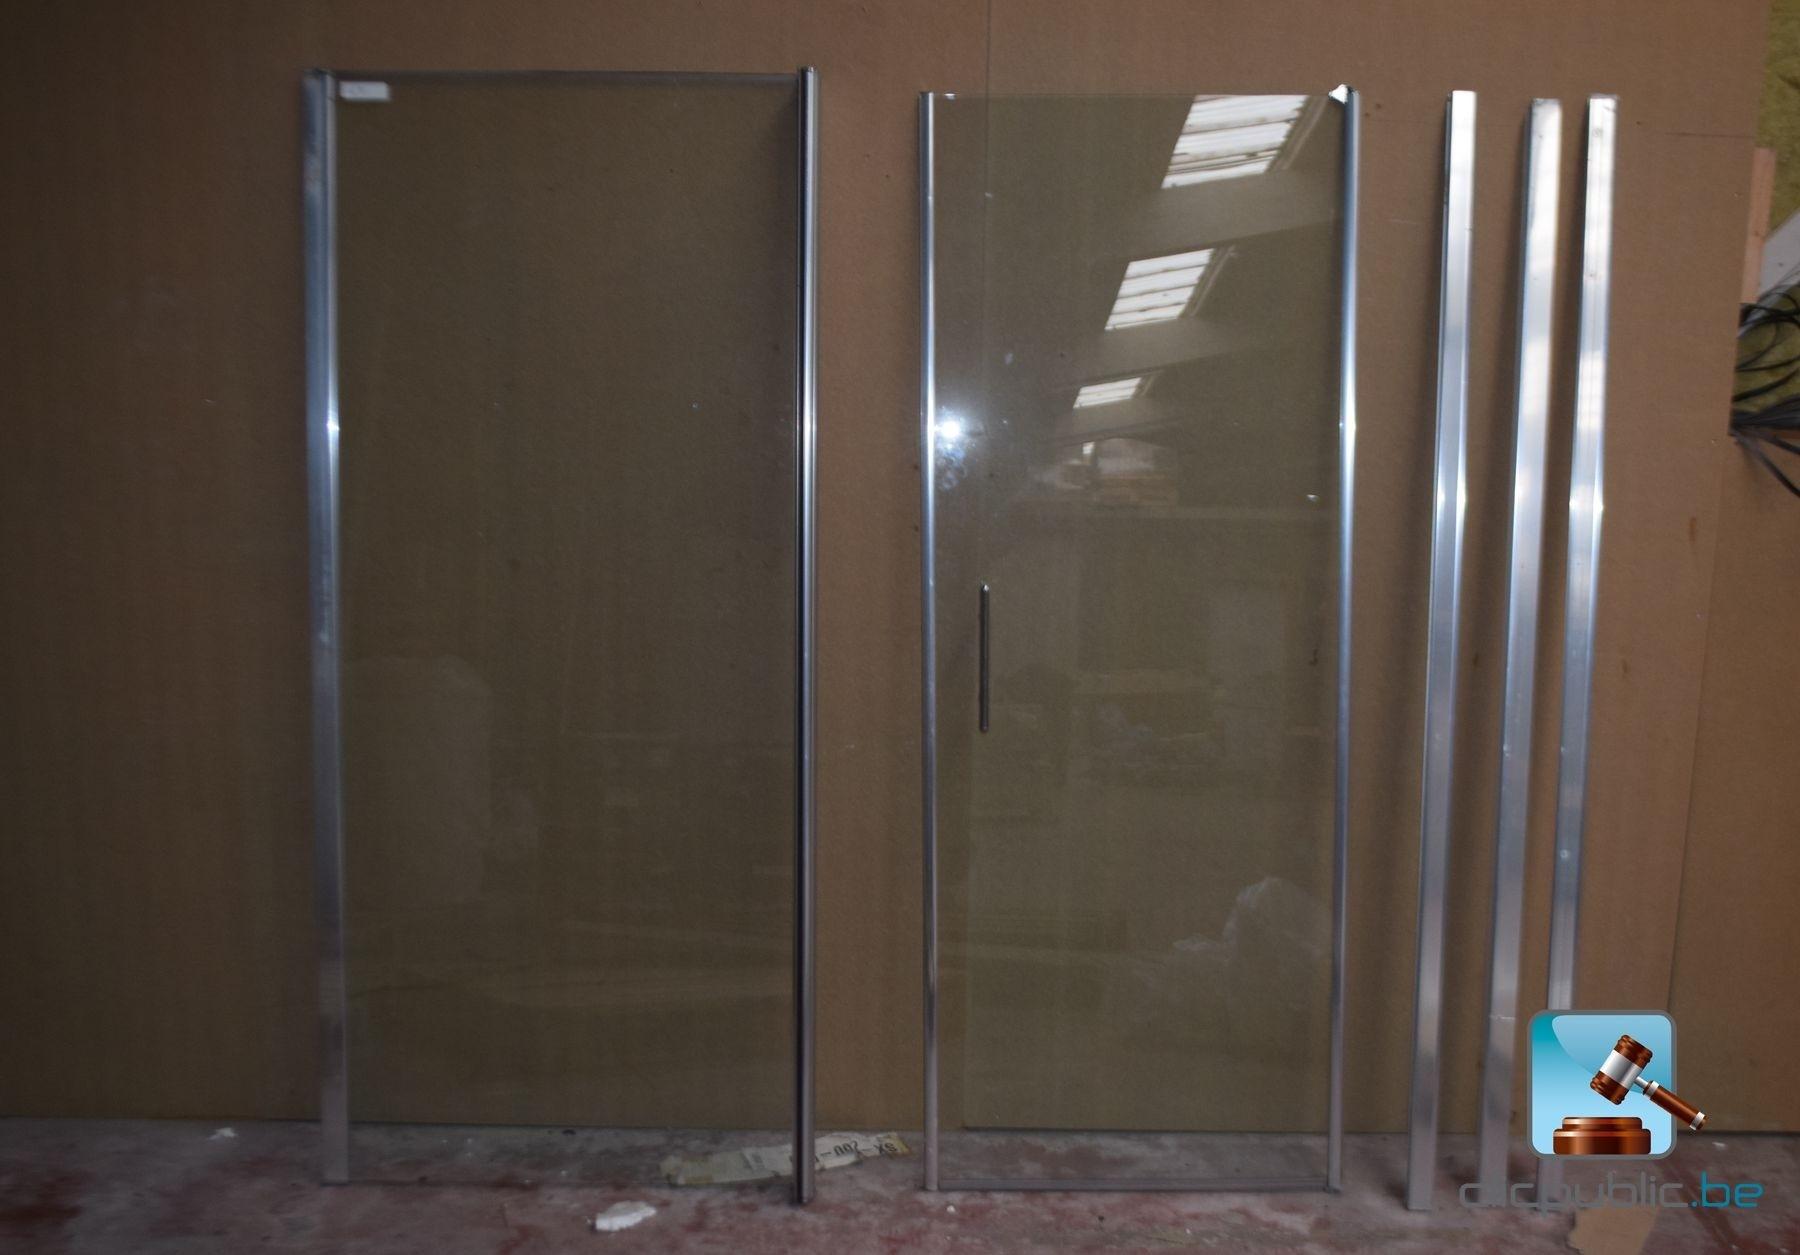 Sanitaire parois vitr es de douche ref 65 vendre sur - Vente sanitaire en ligne ...